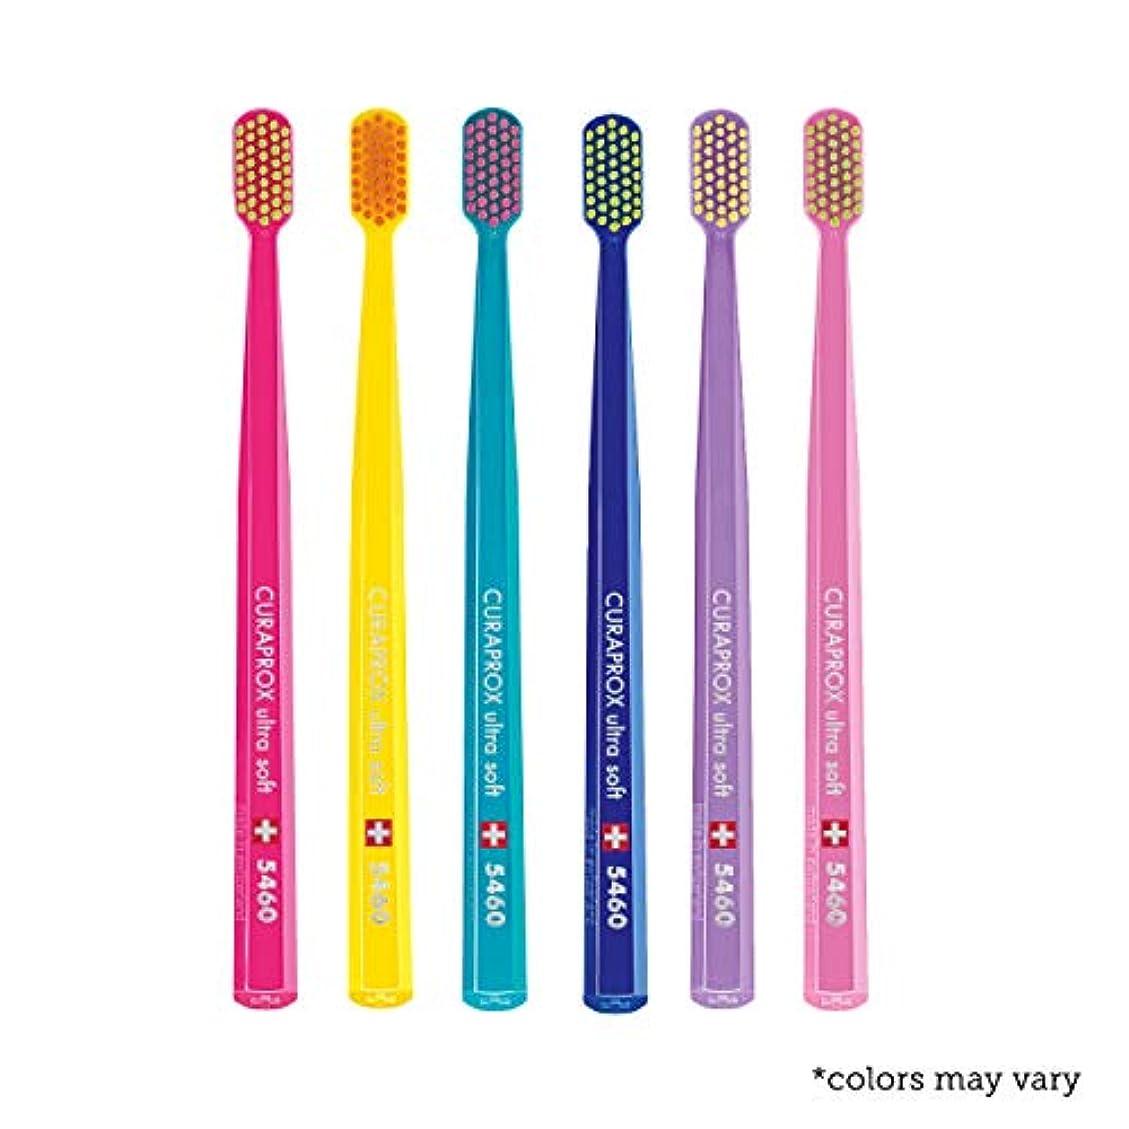 支払いハッピー警察署Ultra soft toothbrush, 6 brushes, Curaprox Ultra Soft 5460. Softer feeling & better cleaning, in amazing vivid colours. by Curaprox